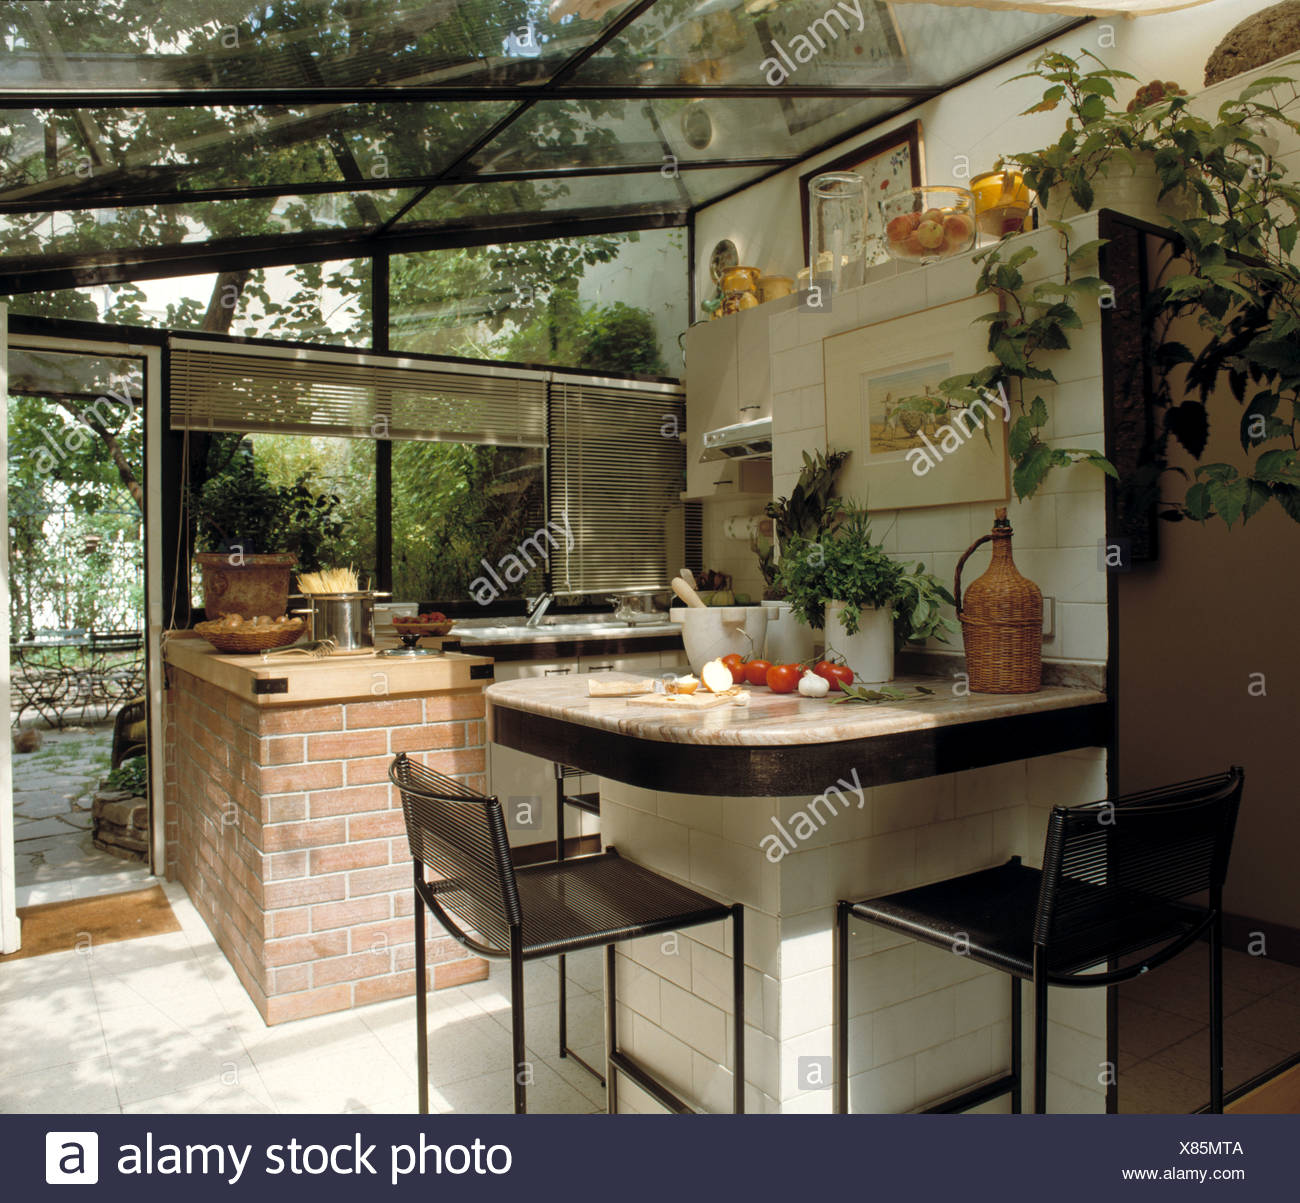 Ausgezeichnet Küche Verbesserung Zeigt Zeitgenössisch - Ideen Für ...